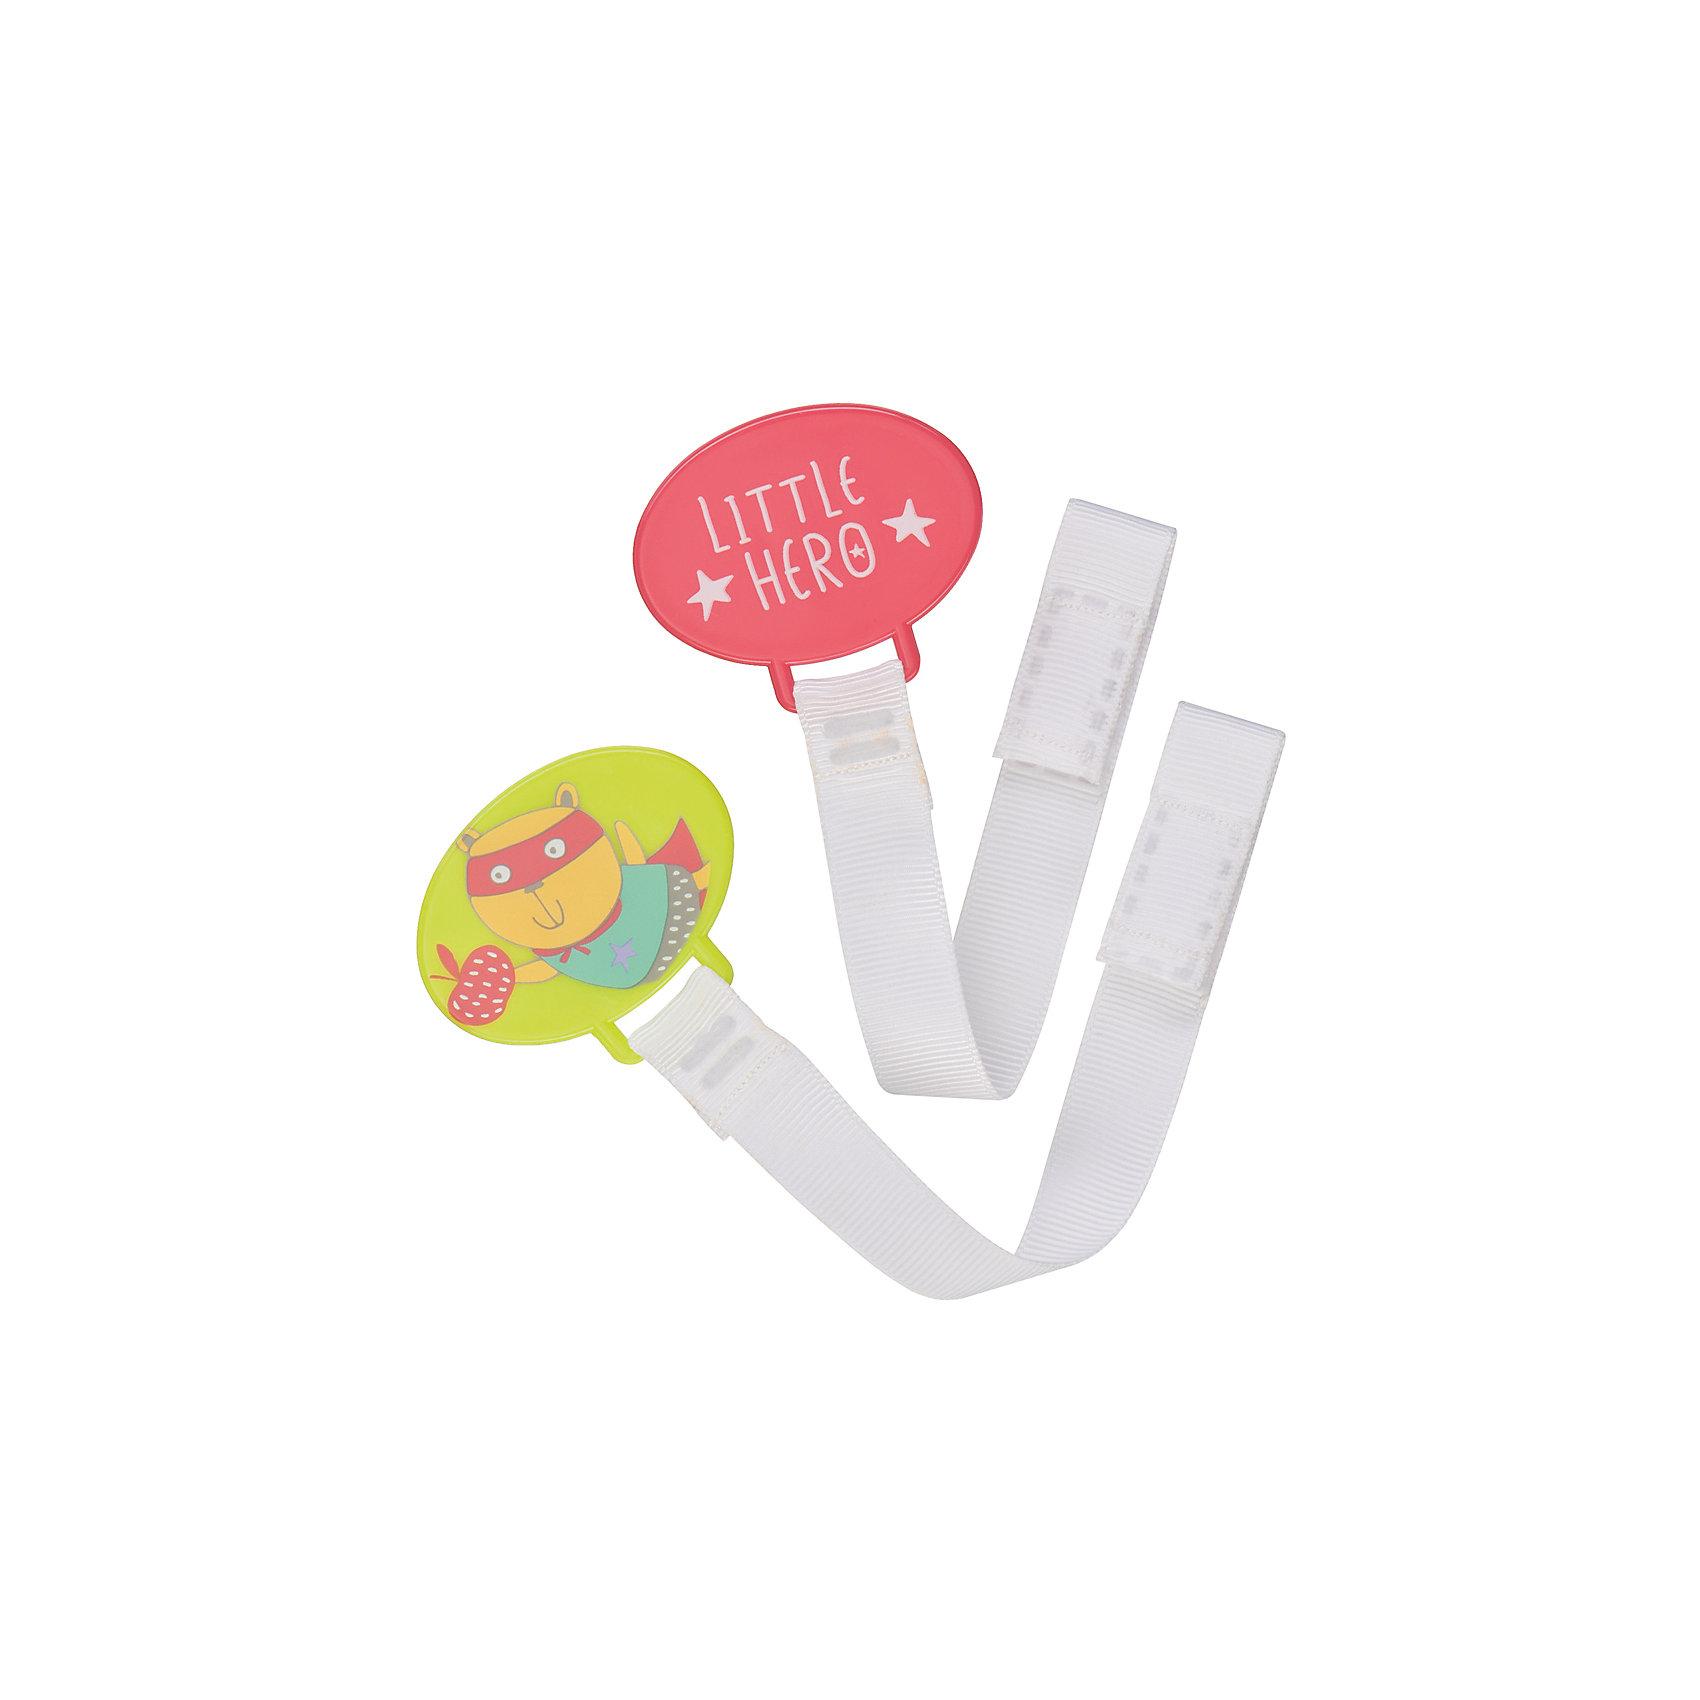 Набор держателей для пустышки HOLDER X2, Happy BabyПустышки и аксессуары<br>Набор держателей для пустышки HOLDER X2, Happy Baby можно использовать как для пустышки, так и для прорезывателя. Благодаря надежному креплению Вы можете быть уверены в том, что пустышка или прорезыватель не потеряются и всегда будут чистыми. Удобно брать с собой.<br>В наборе 2 штуки.<br><br>Дополнительна информация:<br><br>- материал: полипропилен, нейлон.<br>- упаковка:  блистер<br>- прочное крепление<br>- можно использовать для пустышки и прорезывателя <br>- удобно брать с собой<br><br>Набор держателей для пустышки HOLDER X2, Happy Baby можно купить в нашем интернет-магазине.<br><br>Ширина мм: 20<br>Глубина мм: 120<br>Высота мм: 180<br>Вес г: 26<br>Возраст от месяцев: 0<br>Возраст до месяцев: 12<br>Пол: Унисекс<br>Возраст: Детский<br>SKU: 4696792